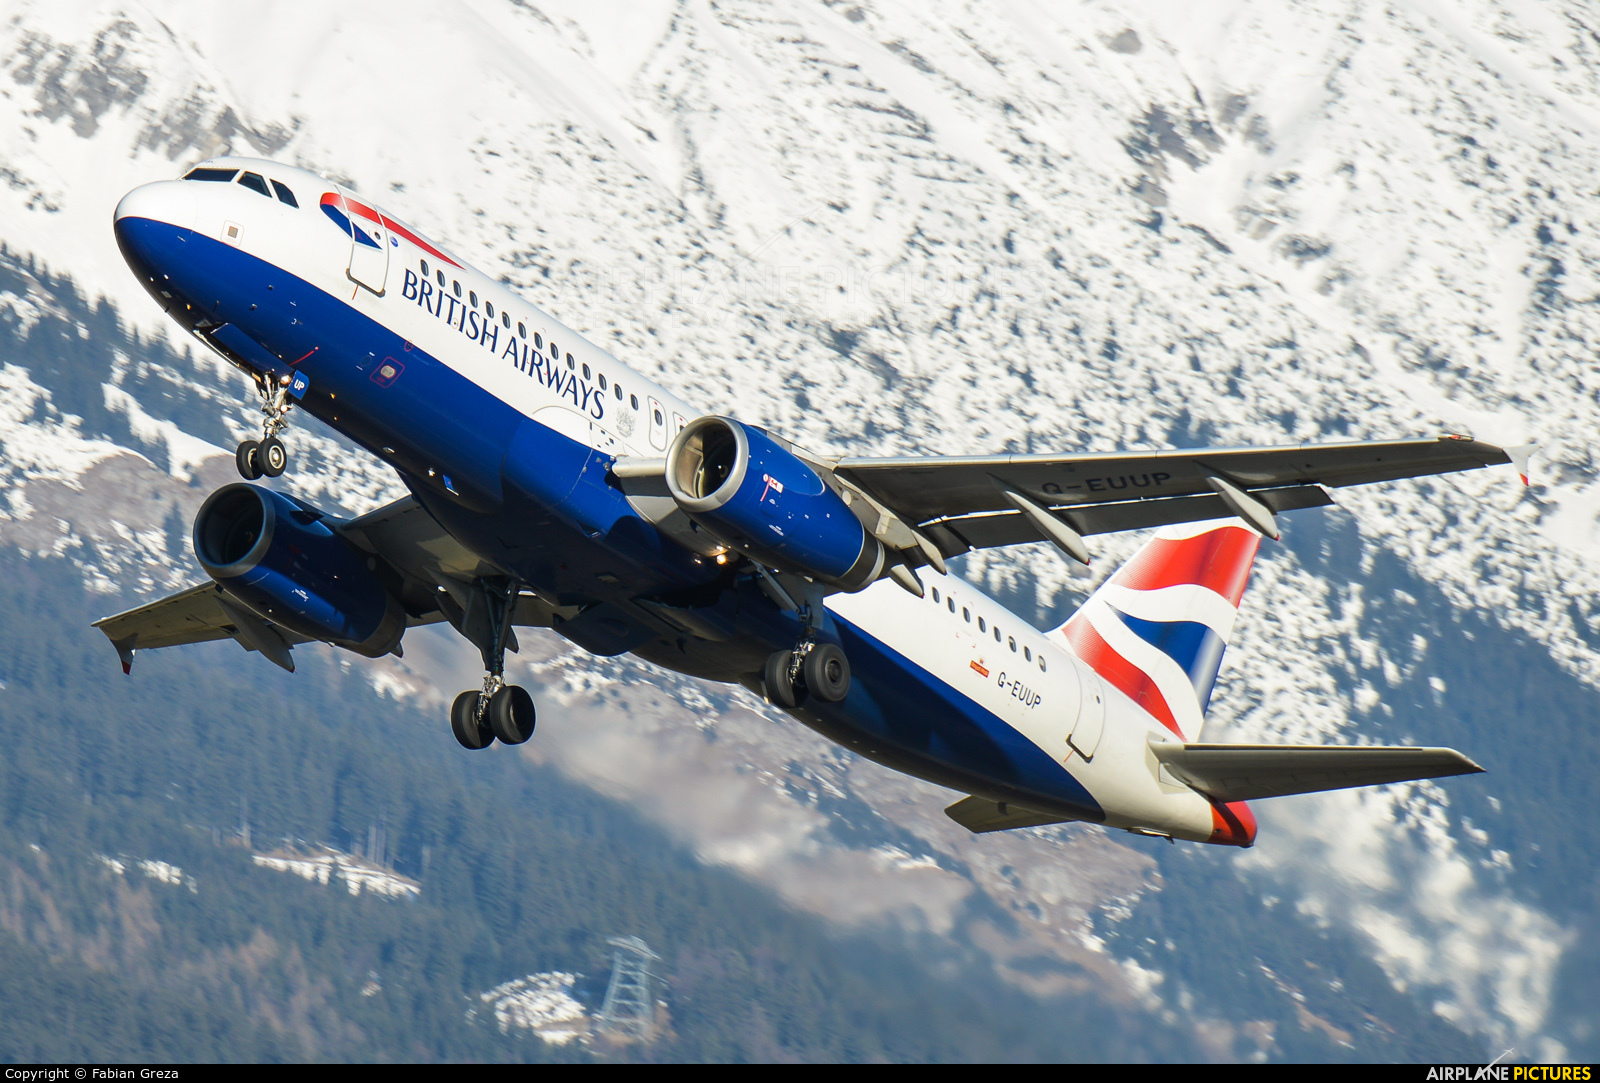 British Airways G-EUUP aircraft at Innsbruck